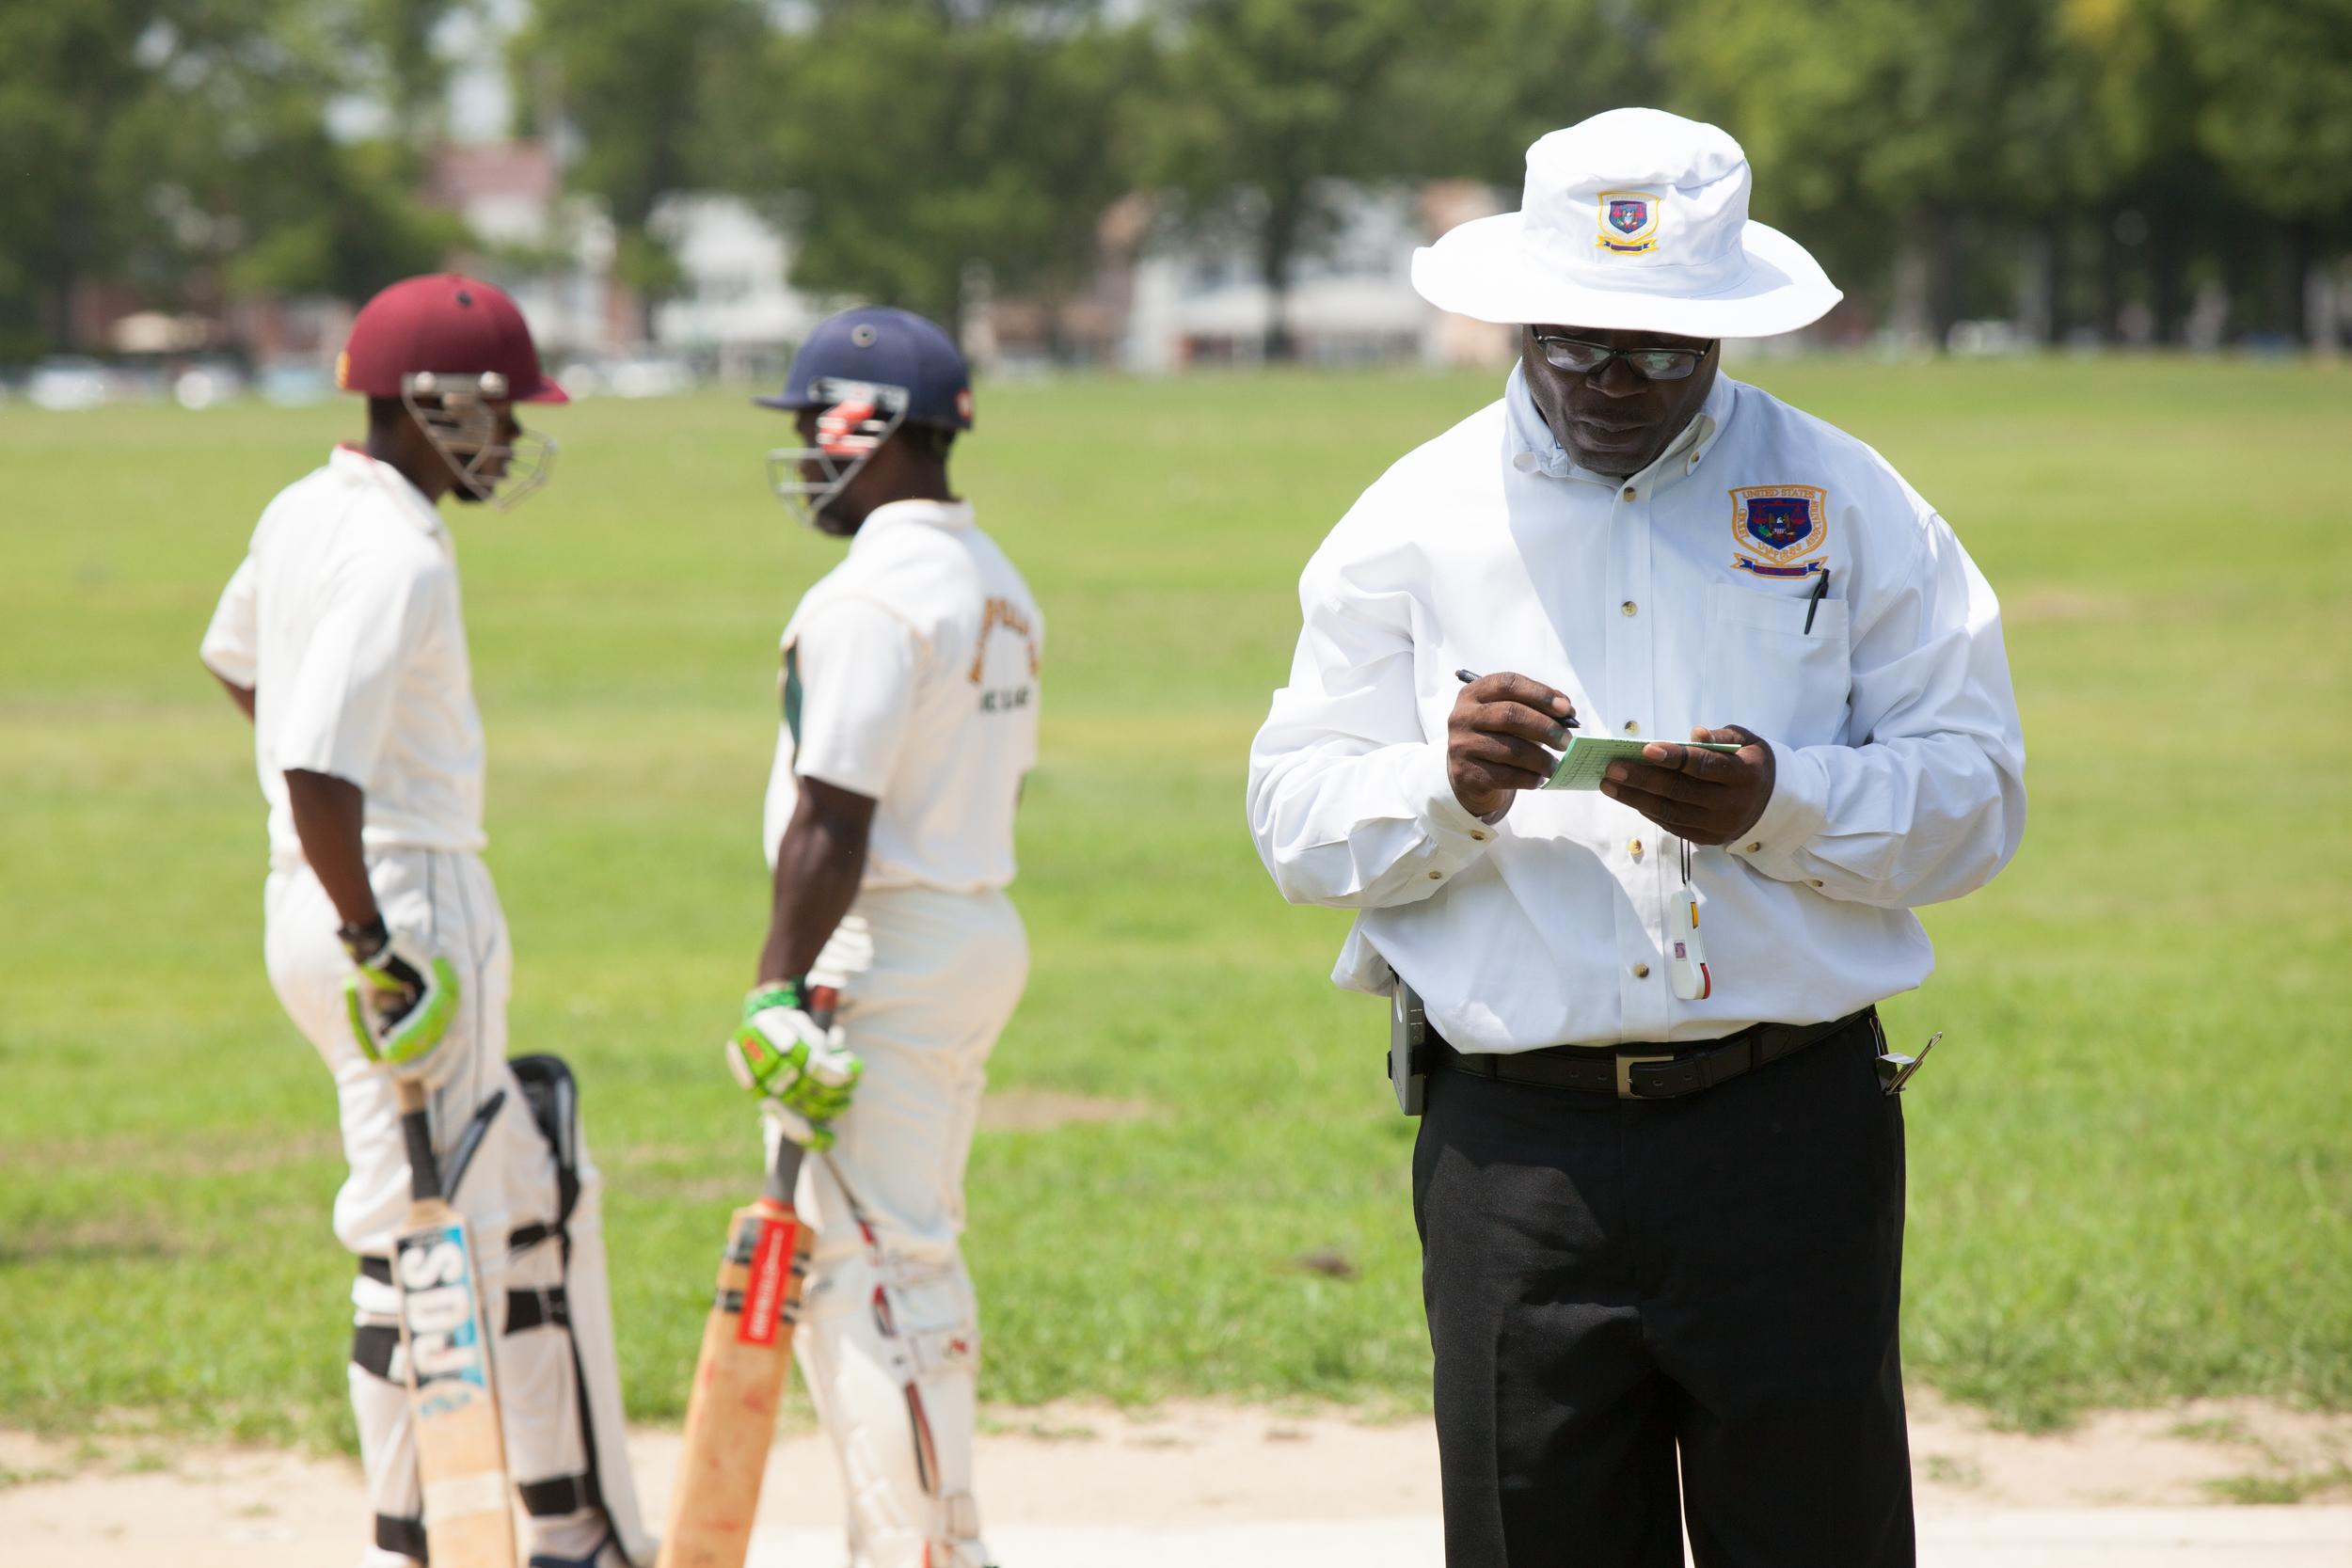 BKLYNR-Cricket-JasonBergman-023.jpg